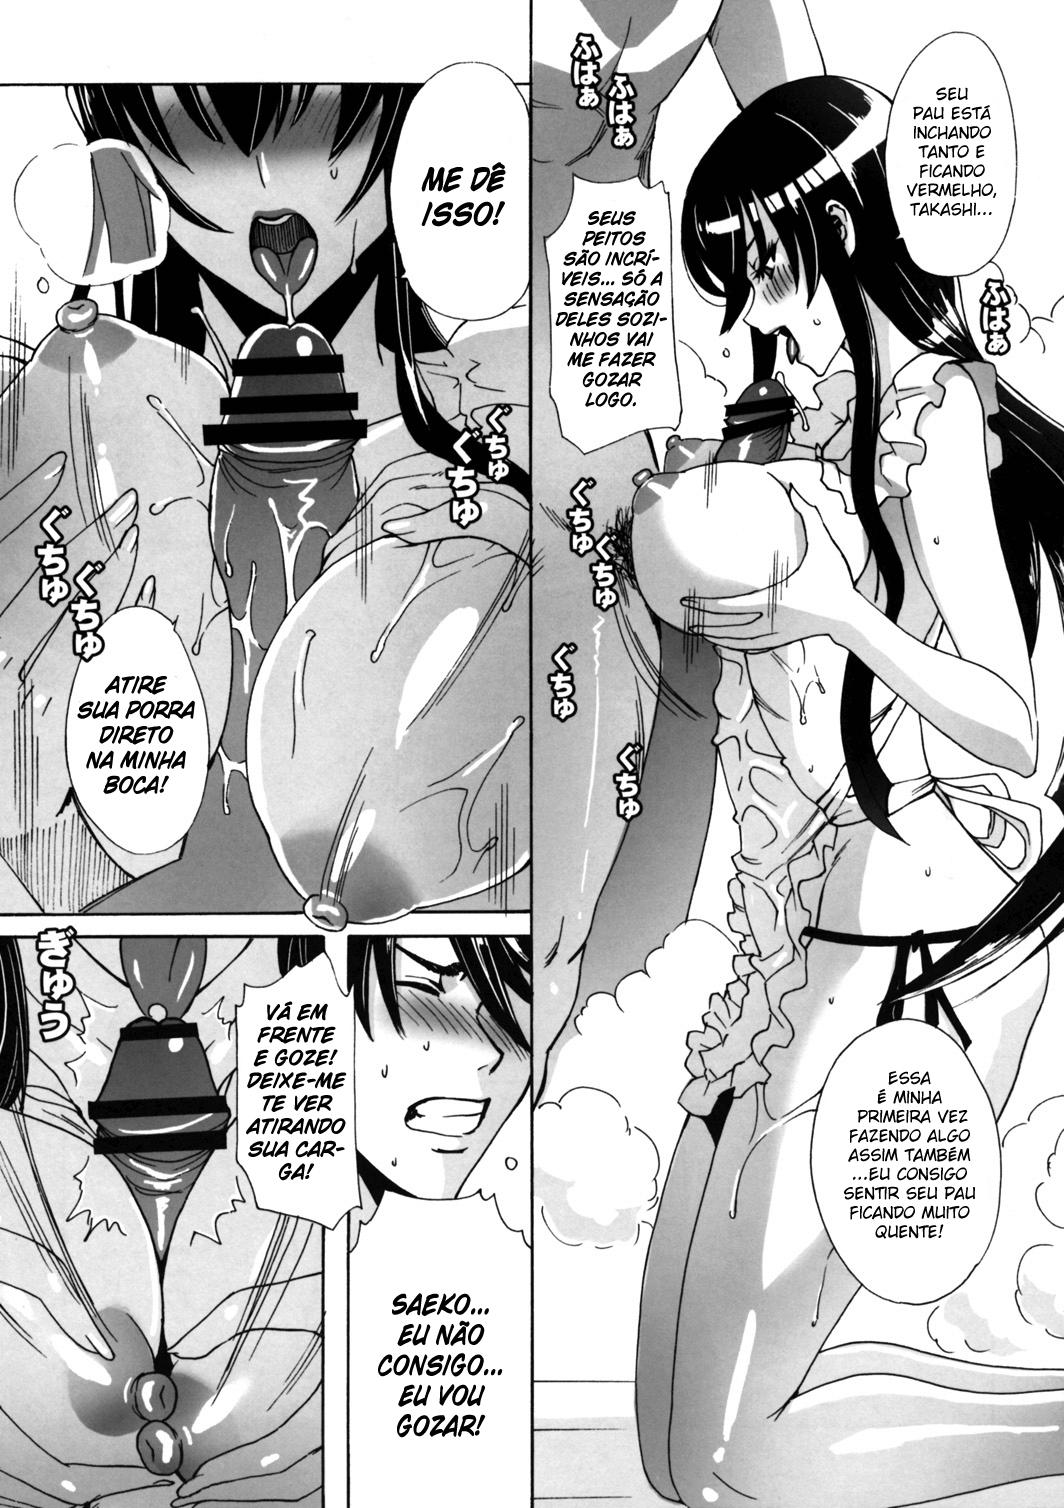 Best twerking on dick abuse